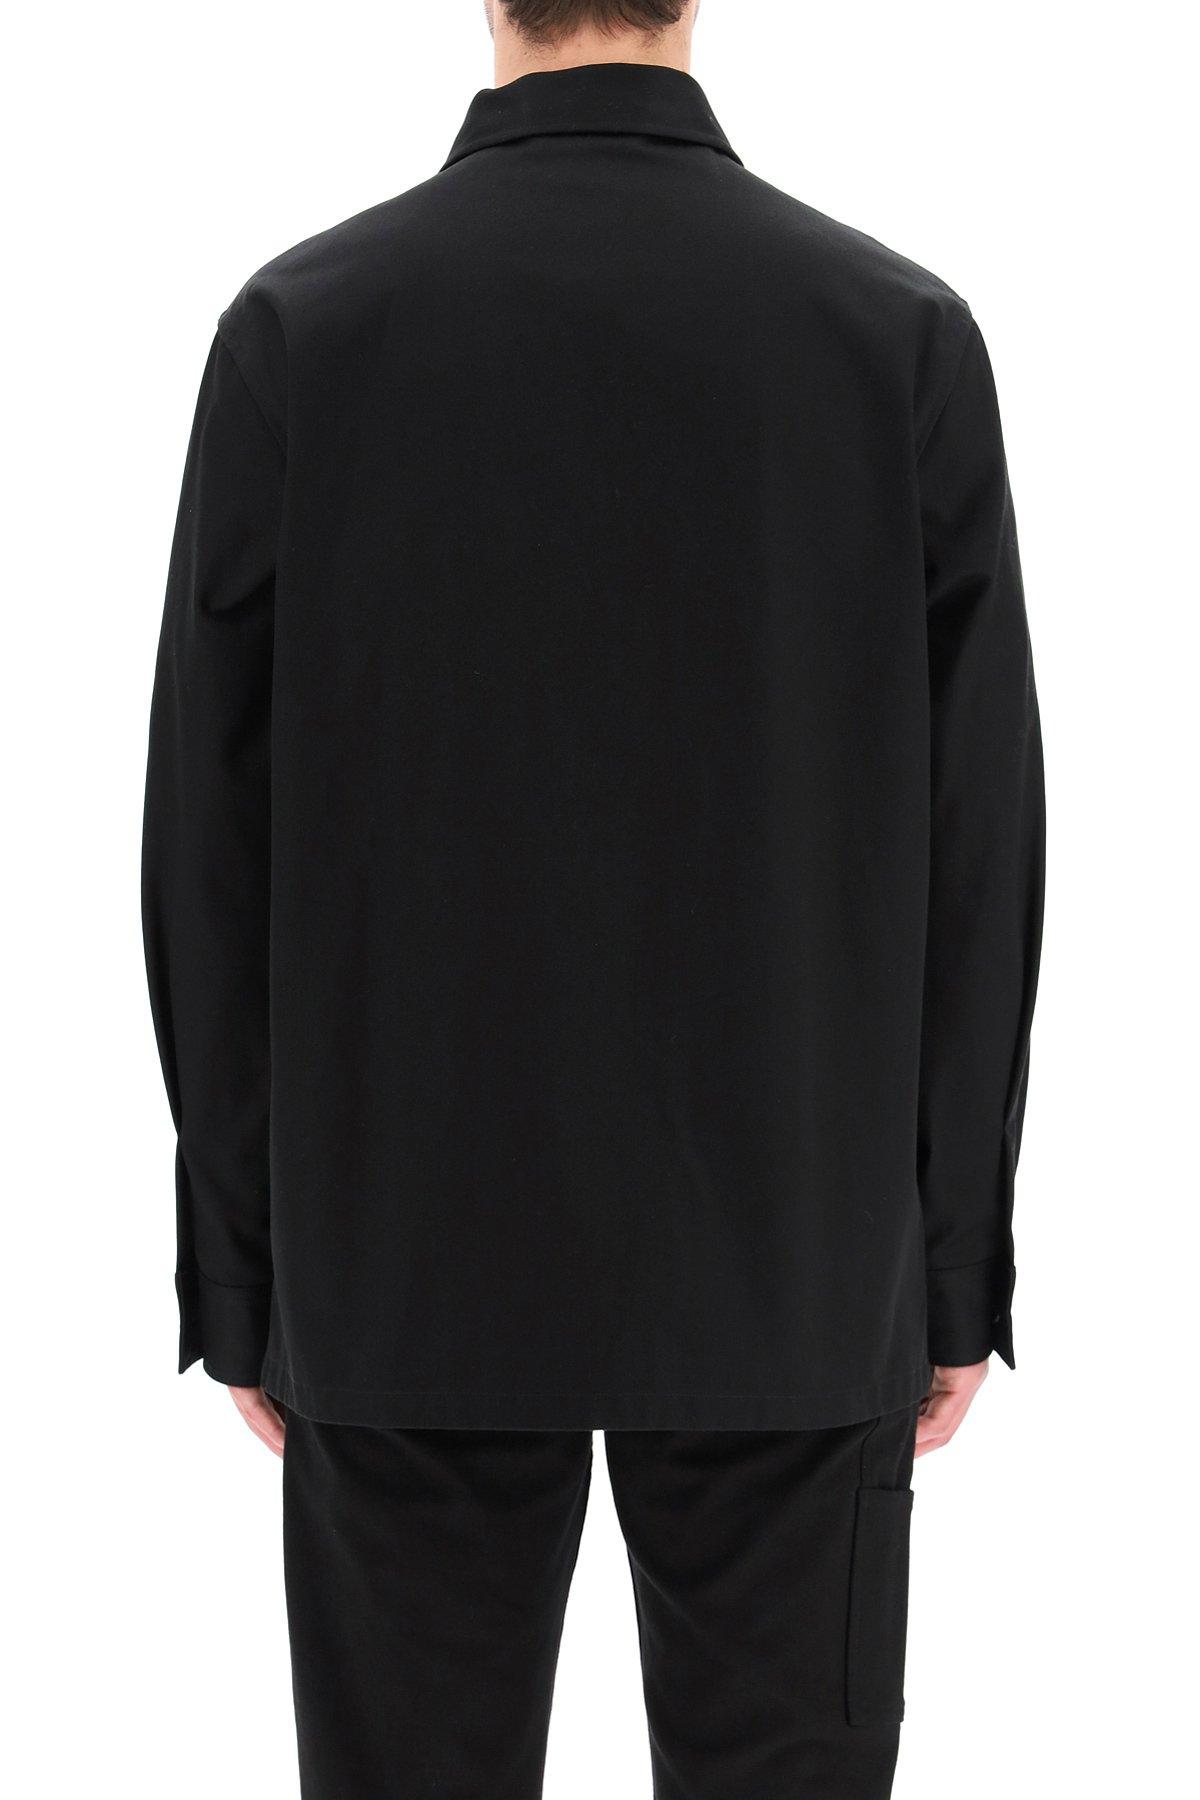 Alexander mcqueen giacca-camicia in denim